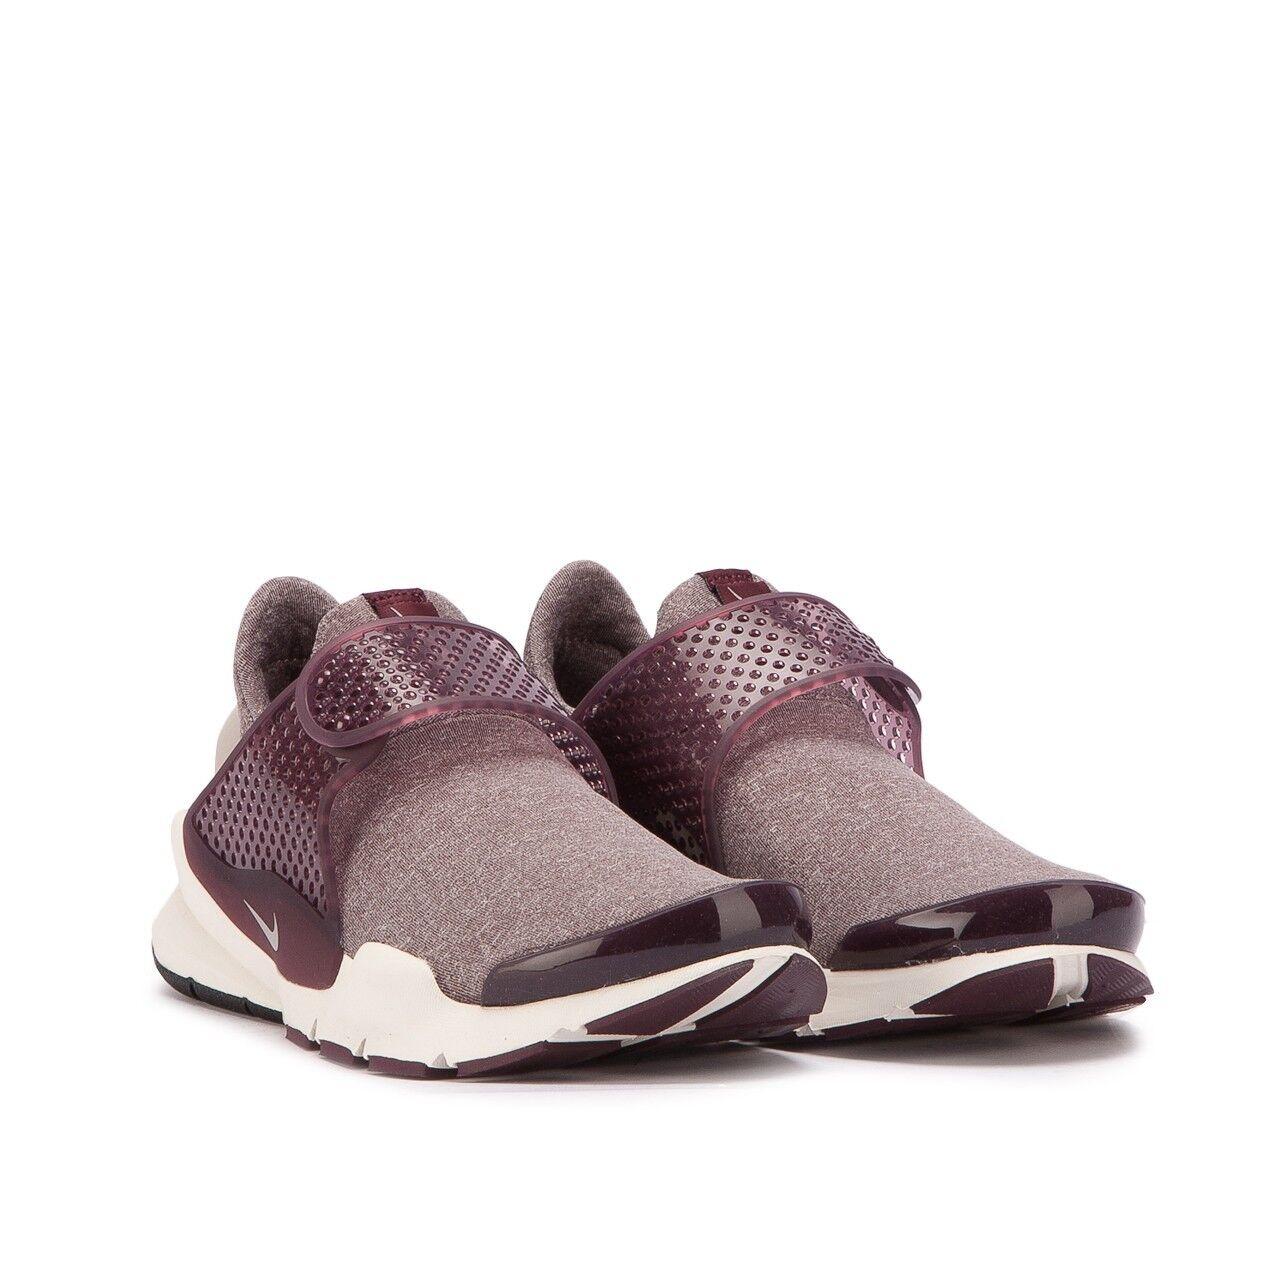 Nike SW - WMNS NIKE SOCK DART SE - col. Night Maroon- EU 38 US 7 - New | Per Vincere Elogio Caldo Dai Clienti  | Uomo/Donne Scarpa